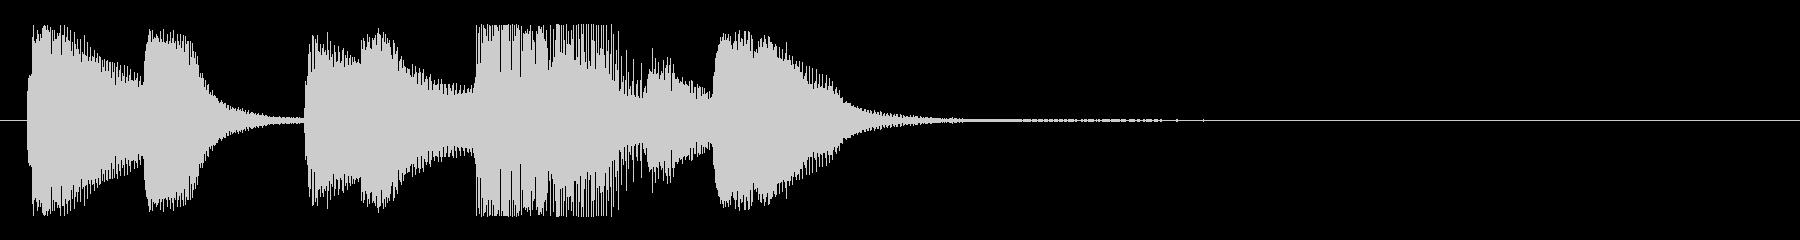 【バードランド3】の未再生の波形